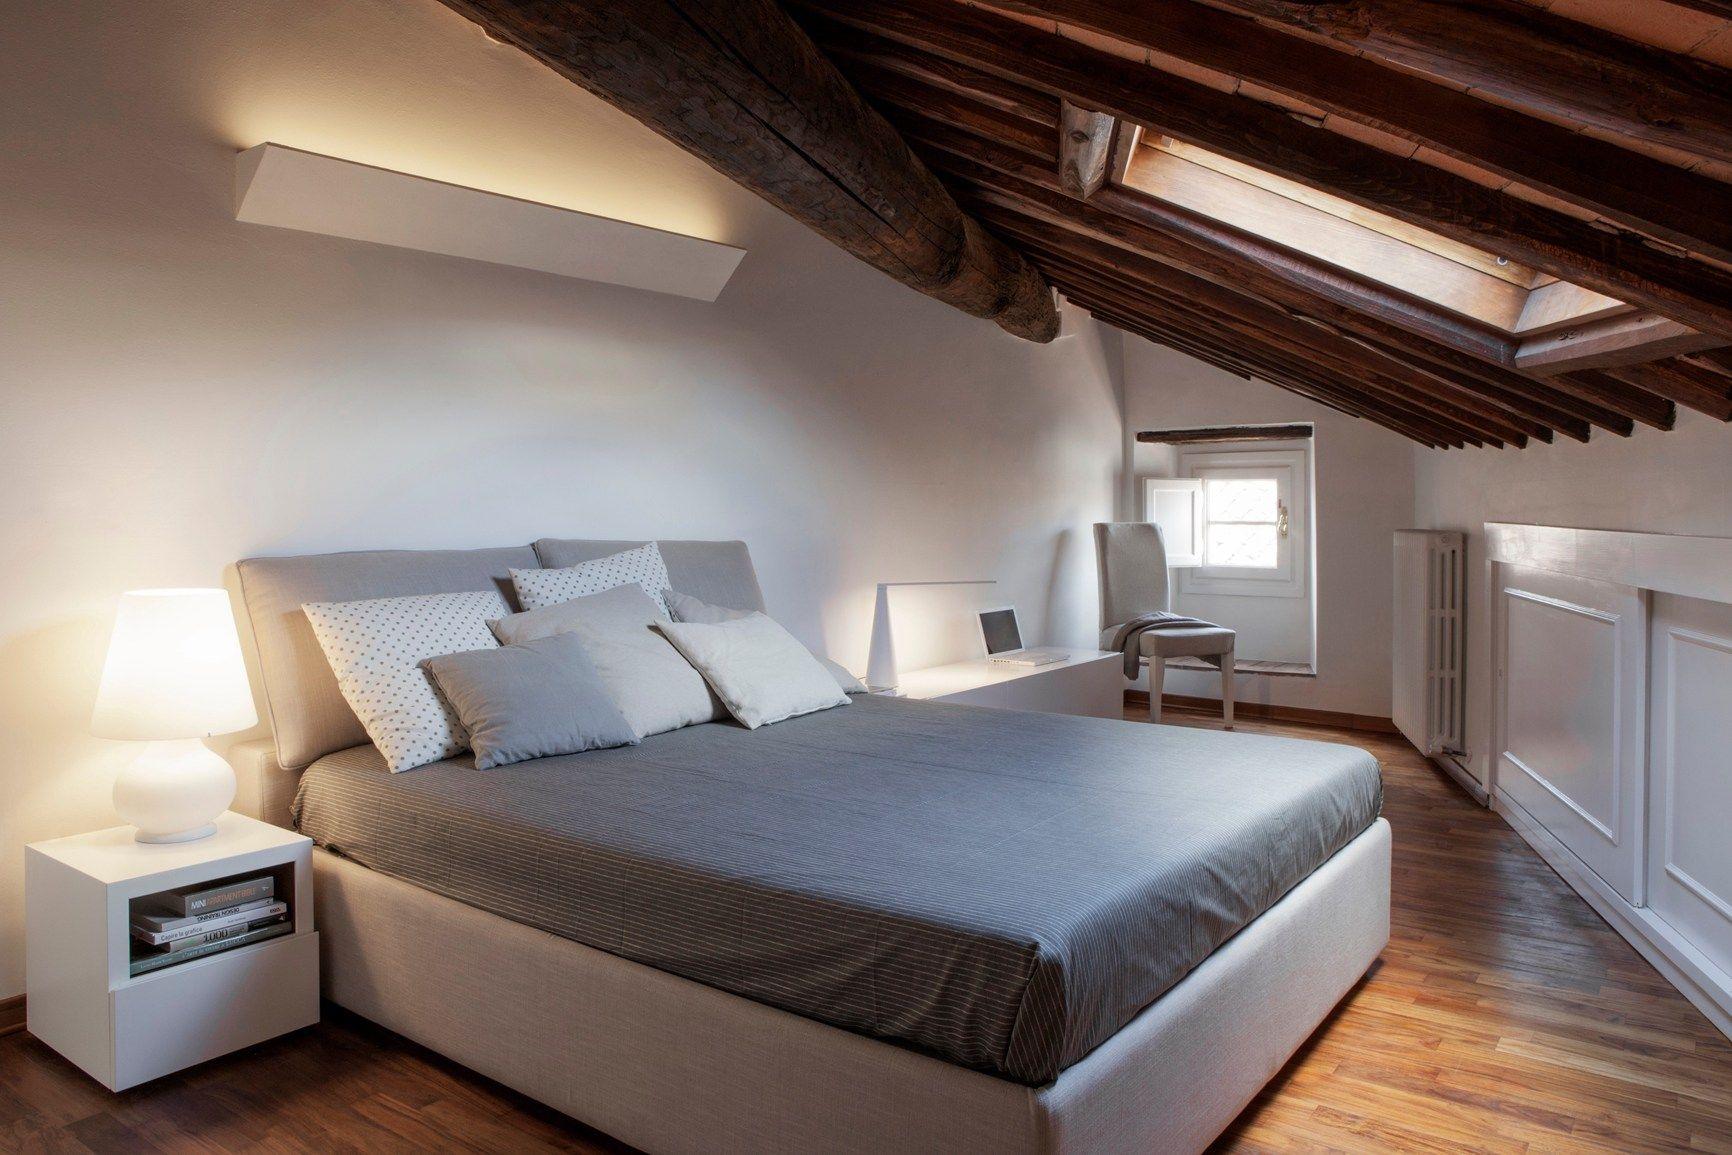 La camera da letto in mansarda Come trasformare mansarde e ...